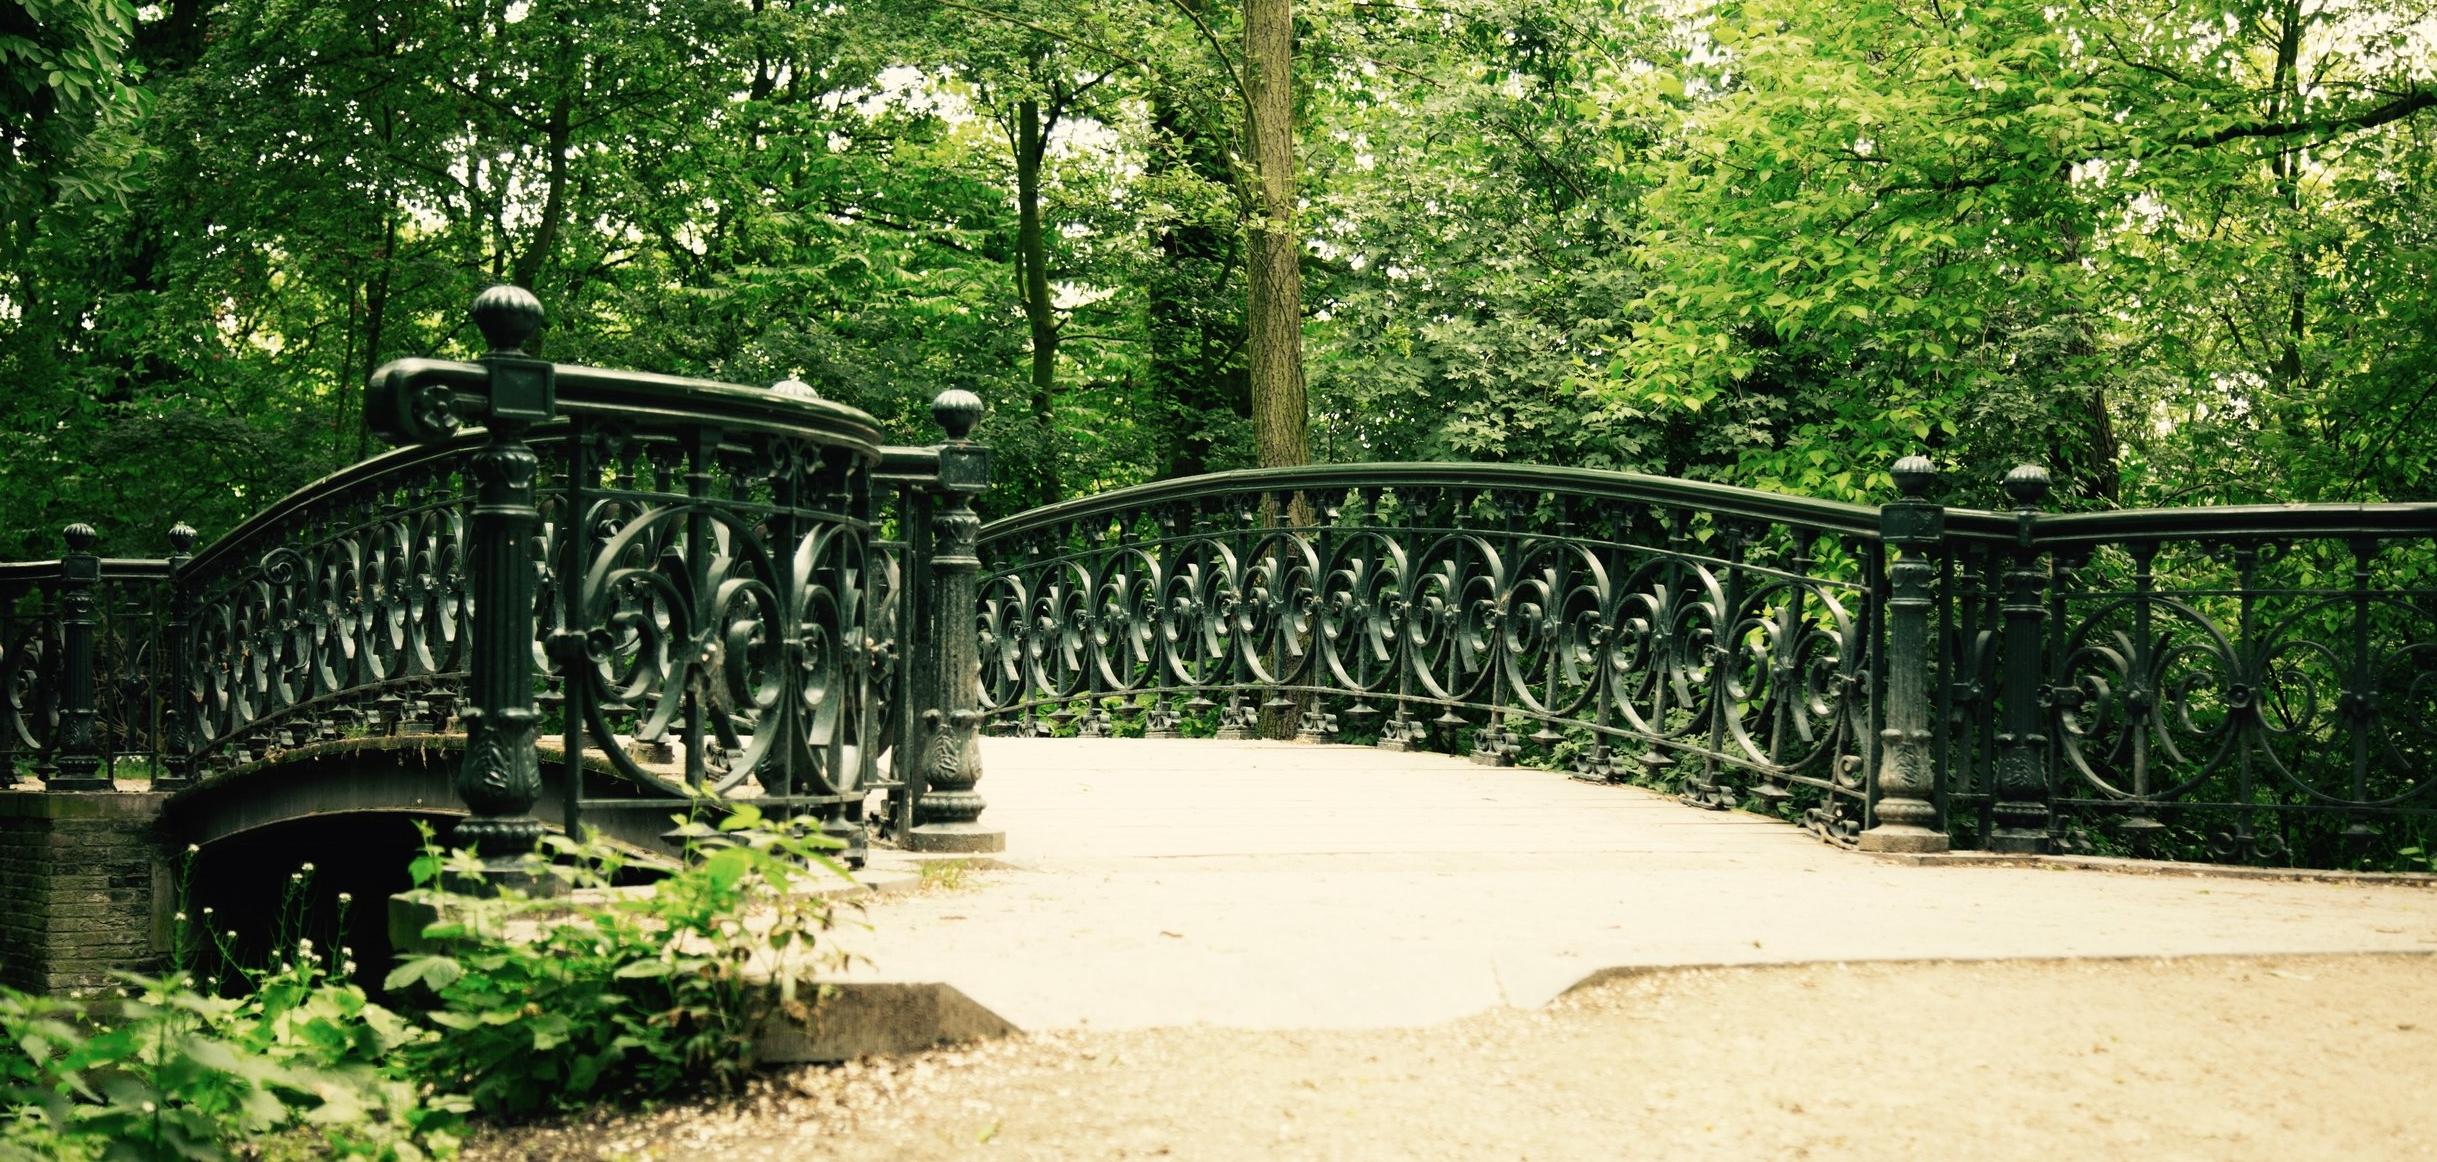 Bridge - marc deely